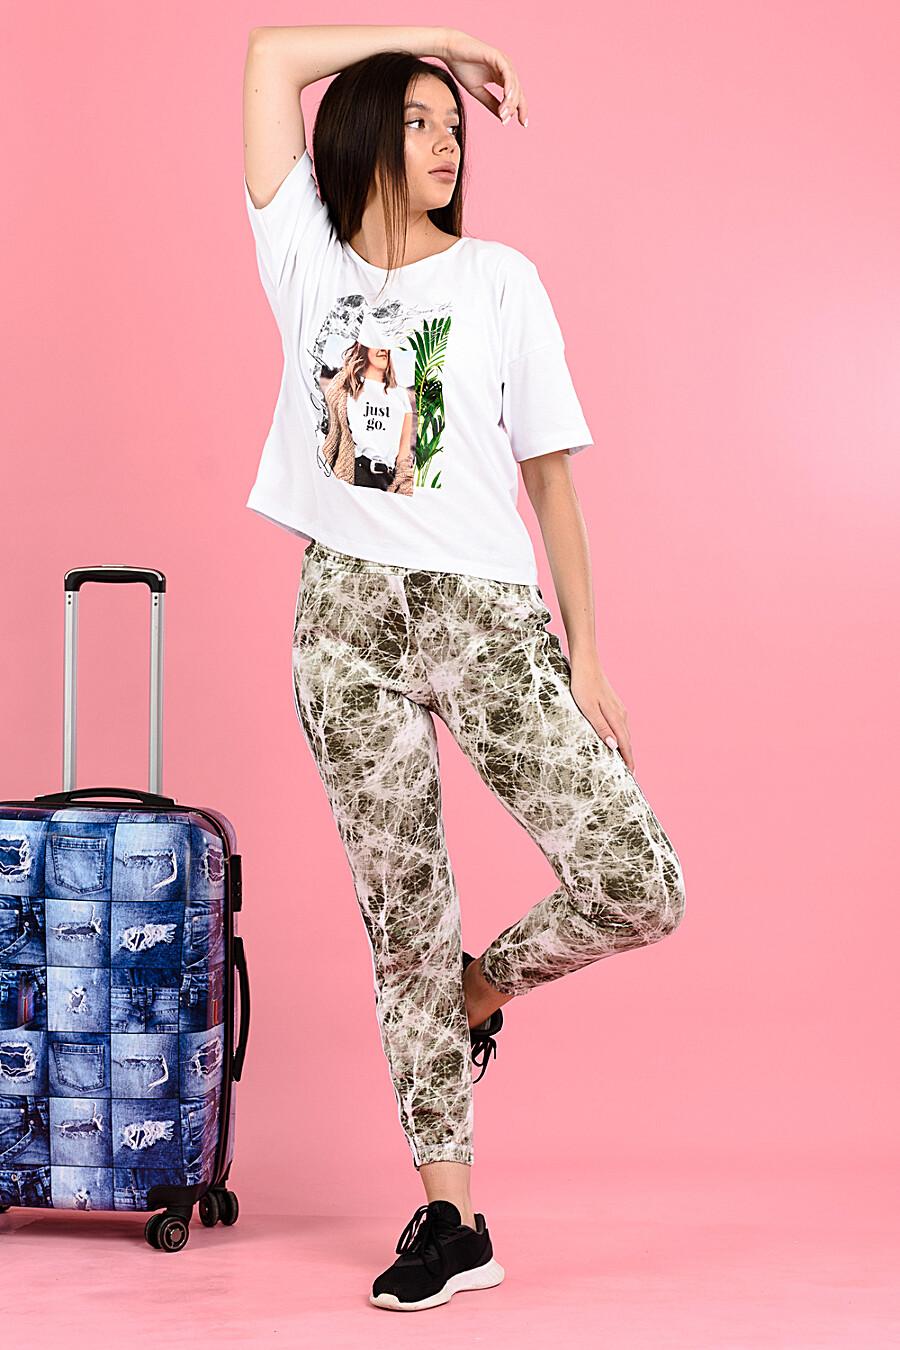 Брюки 8121 для женщин НАТАЛИ 682468 купить оптом от производителя. Совместная покупка женской одежды в OptMoyo